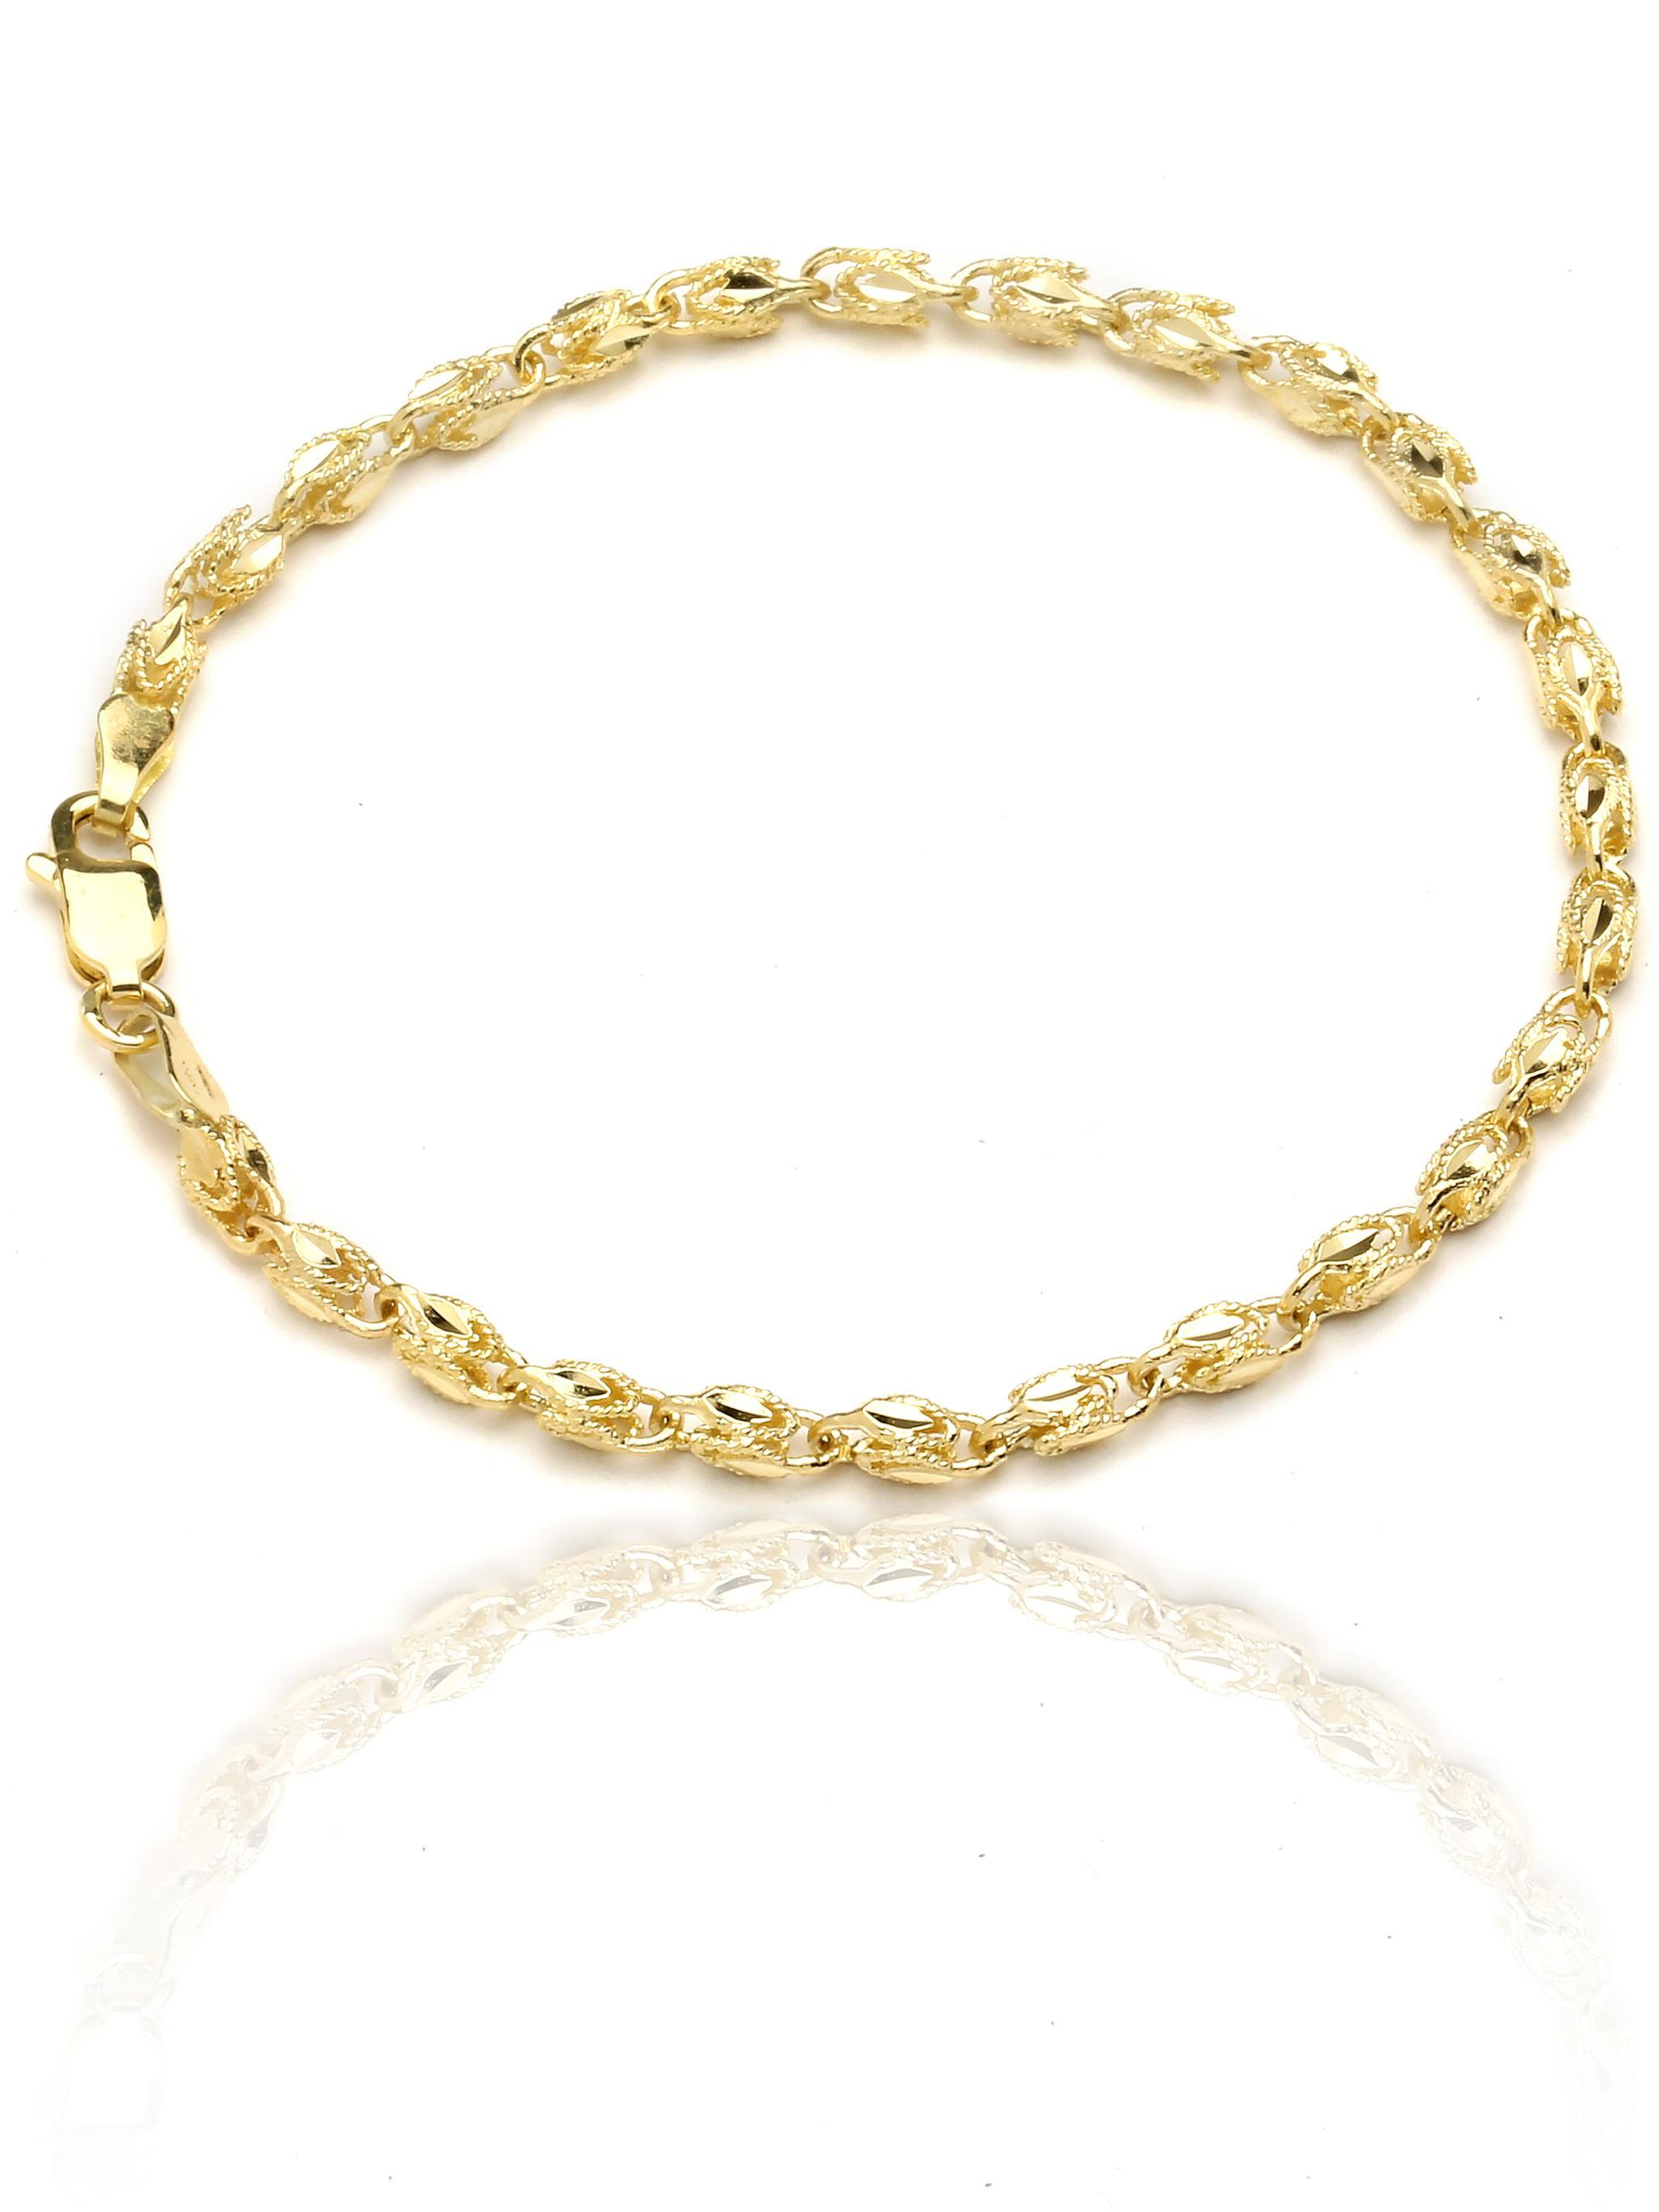 10k Yellow Gold Turkish Rope Chain